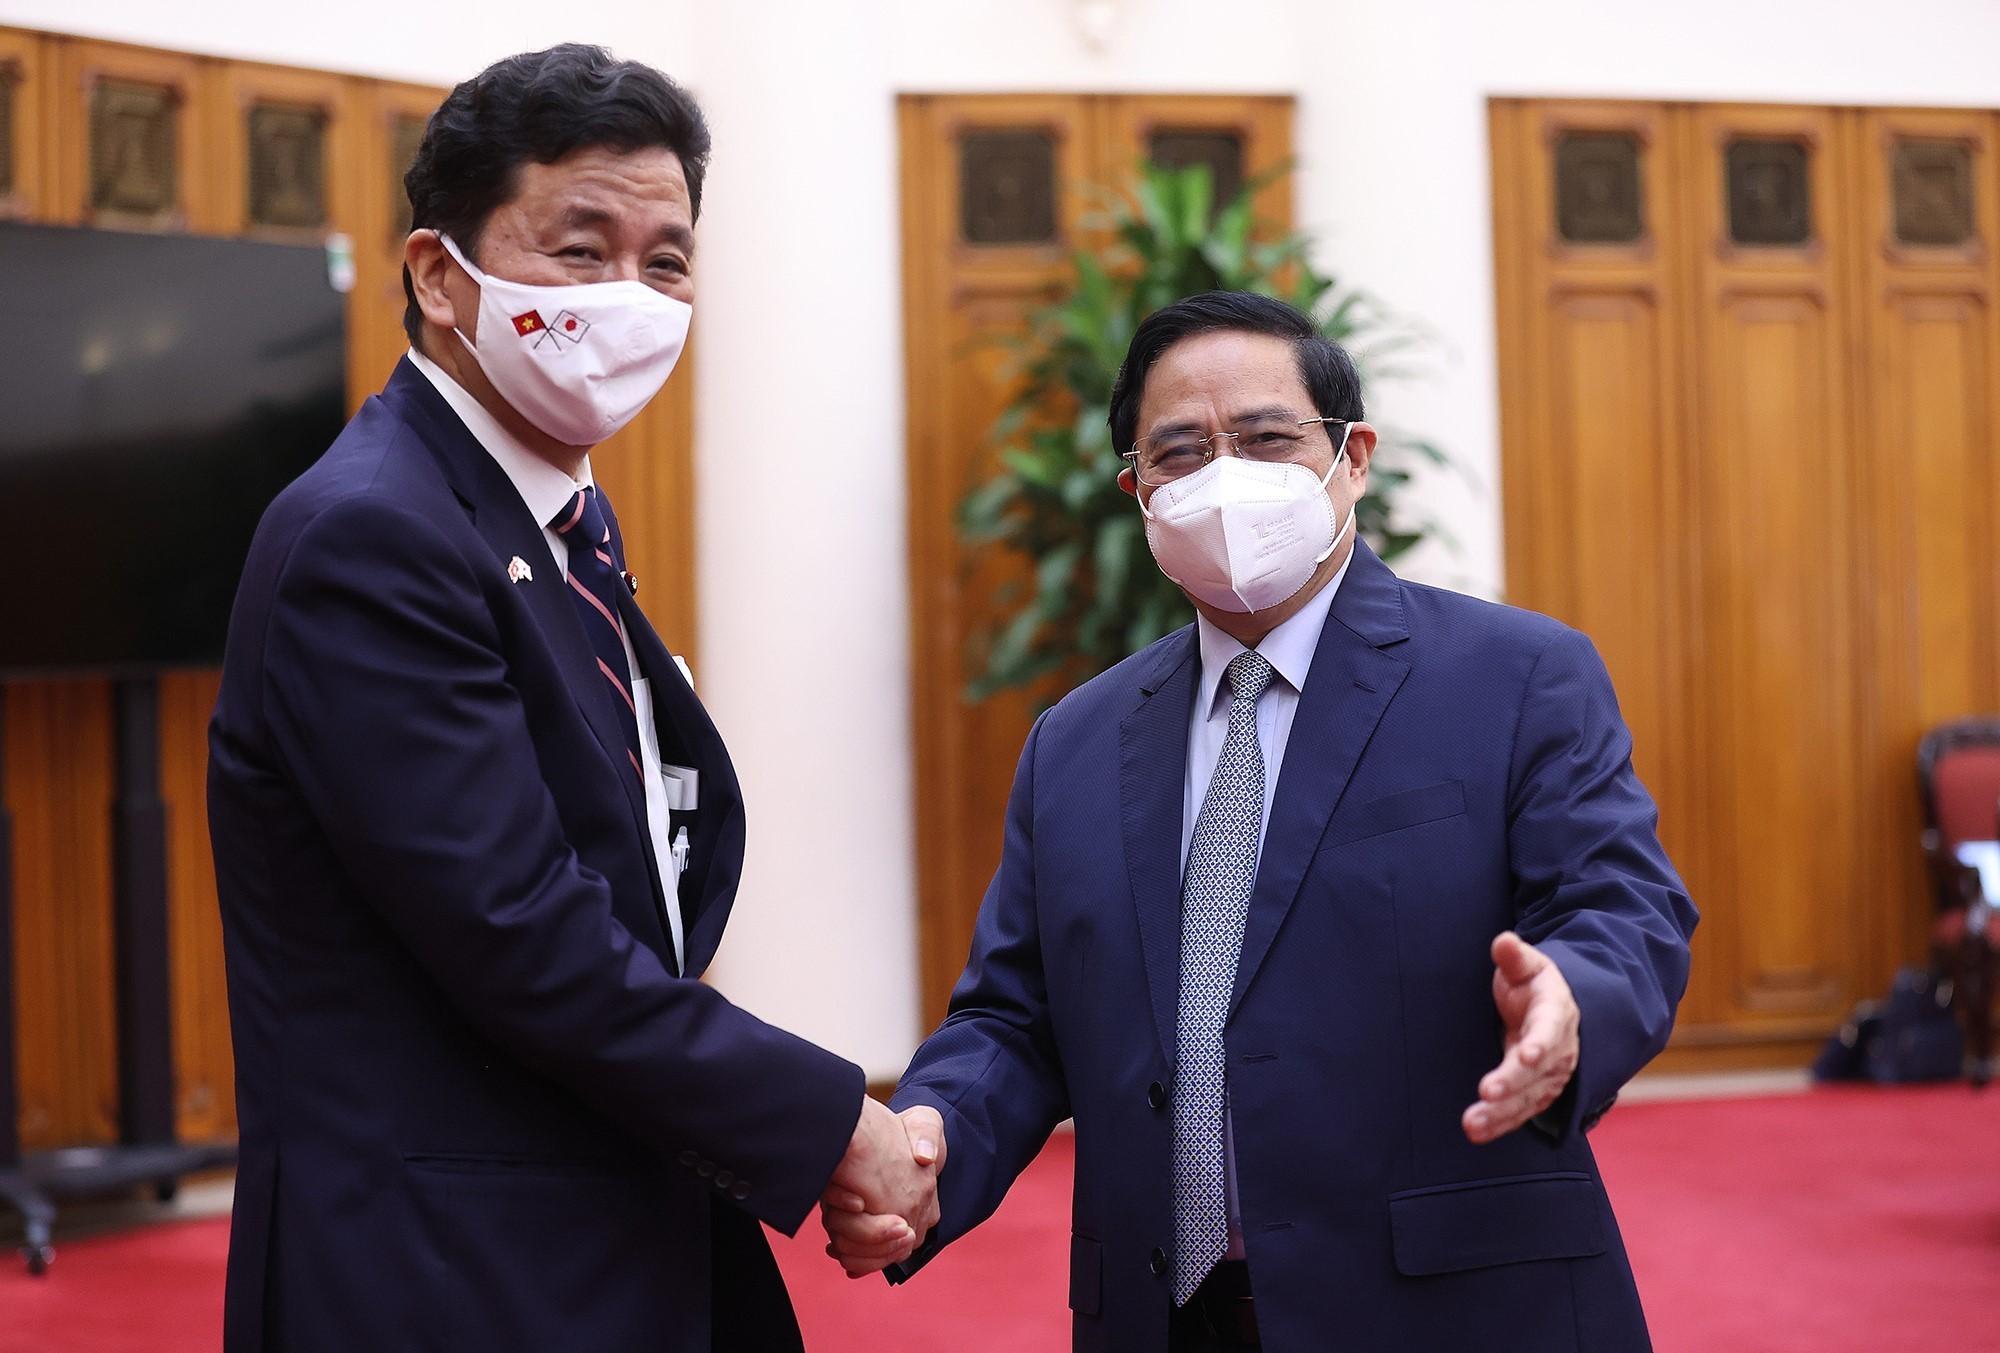 Thủ tướng cảm ơn Nhật Bản đã hỗ trợ Việt Nam hơn 3 triệu liều vaccine COVID-19 - Ảnh 1.